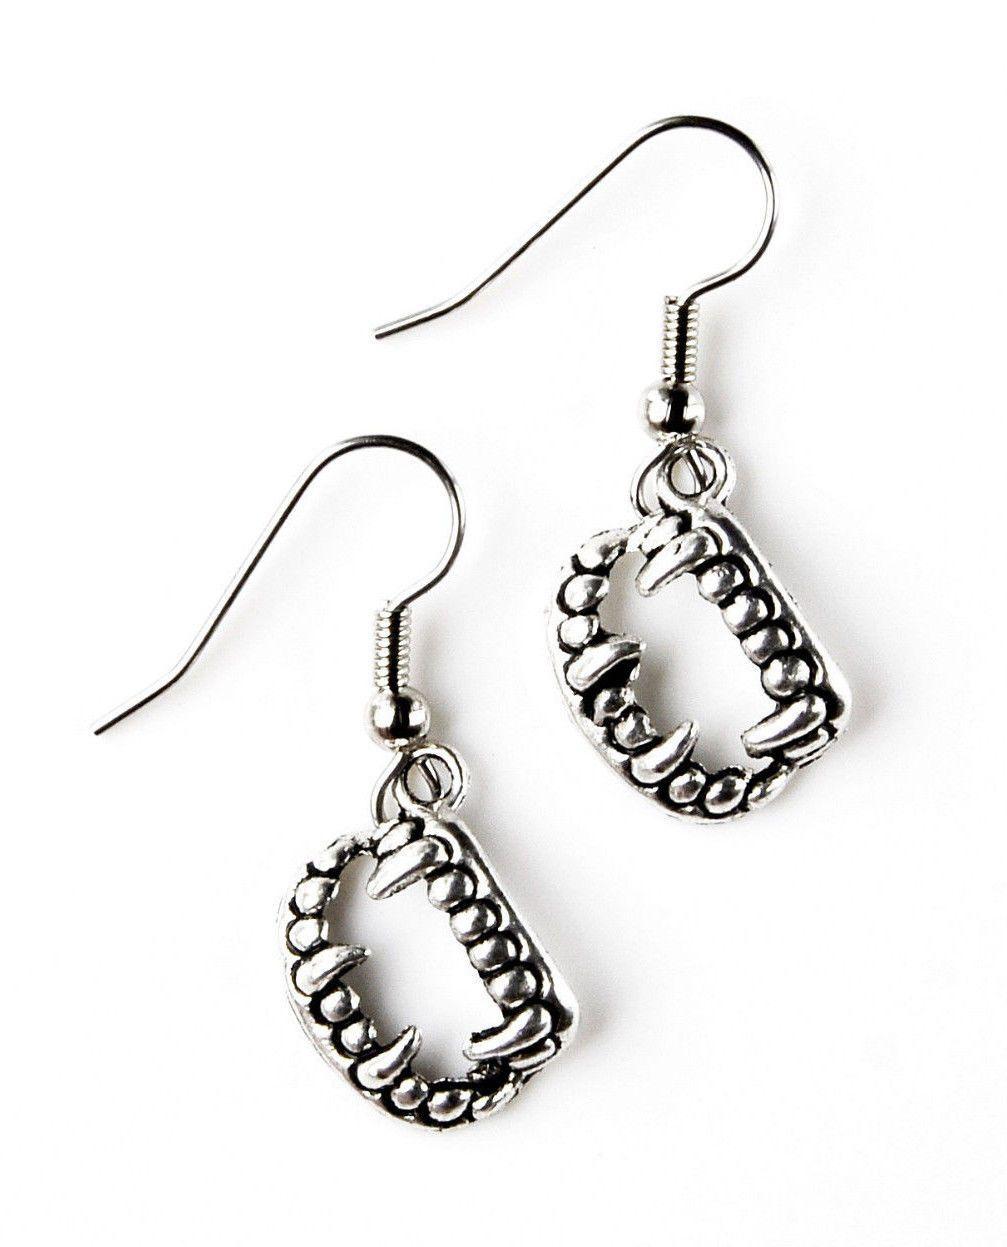 Vampire teeth earrings accessories womenus jewelry handmade